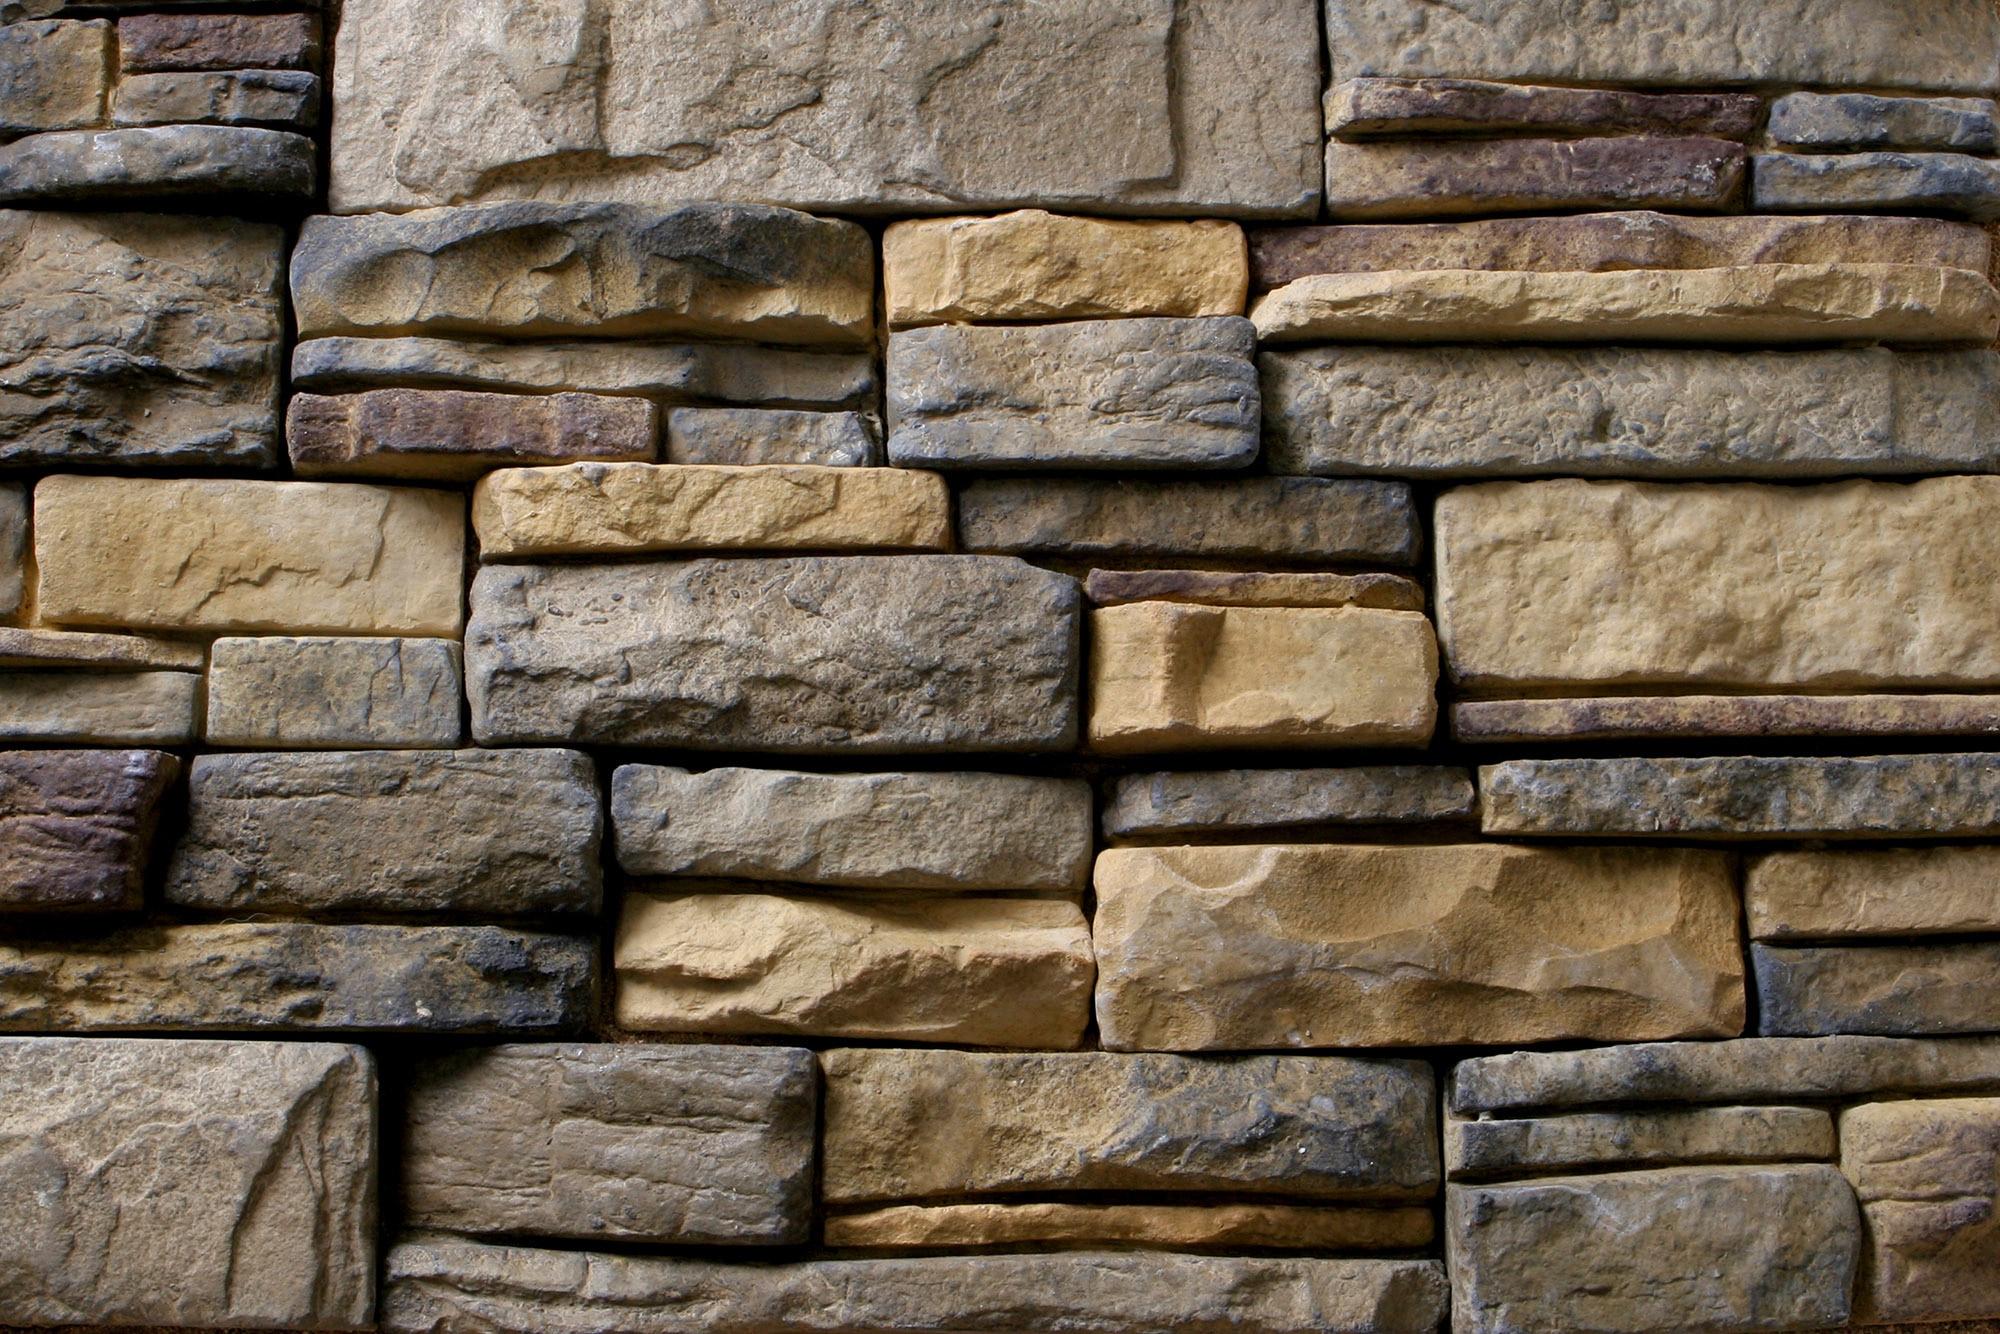 Kodiak mountain stone manufactured stone veneer ready for Stone facade siding